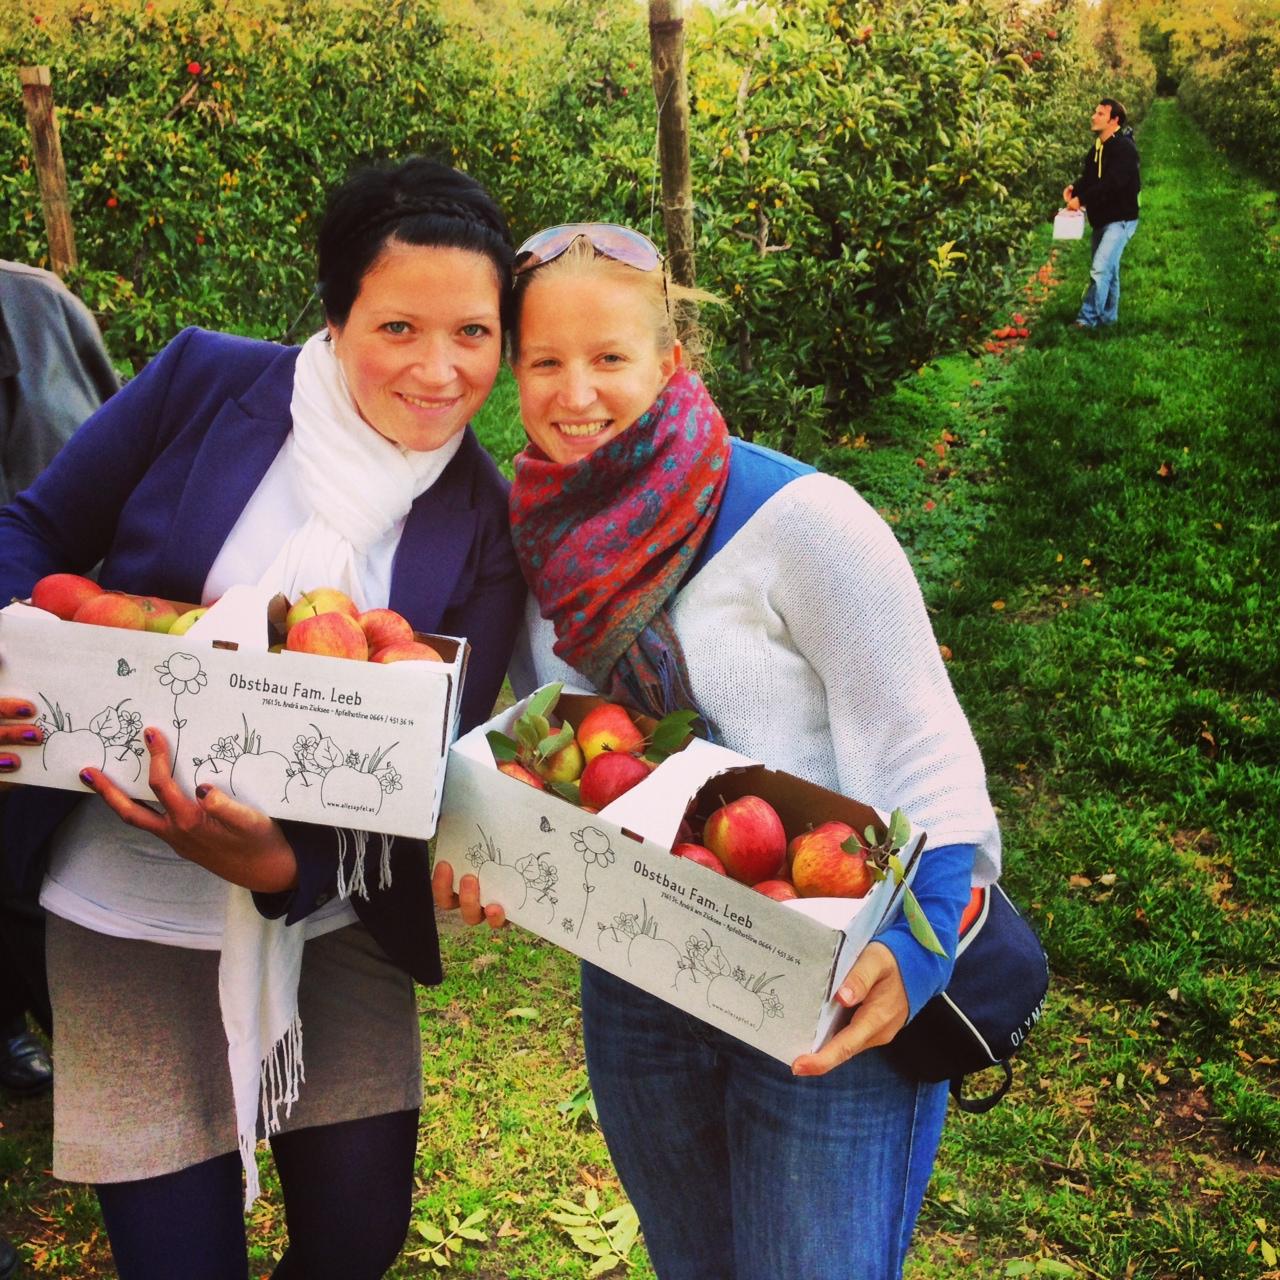 """Unterwegs mit der lieben Ursula: Im Burgenland waren wir im Obstgarten unsere eigenen Äpfel ernten, noch heute gilt für mich das bekannte Sprichwort: """"An apple a day keeps the doctor away!"""""""